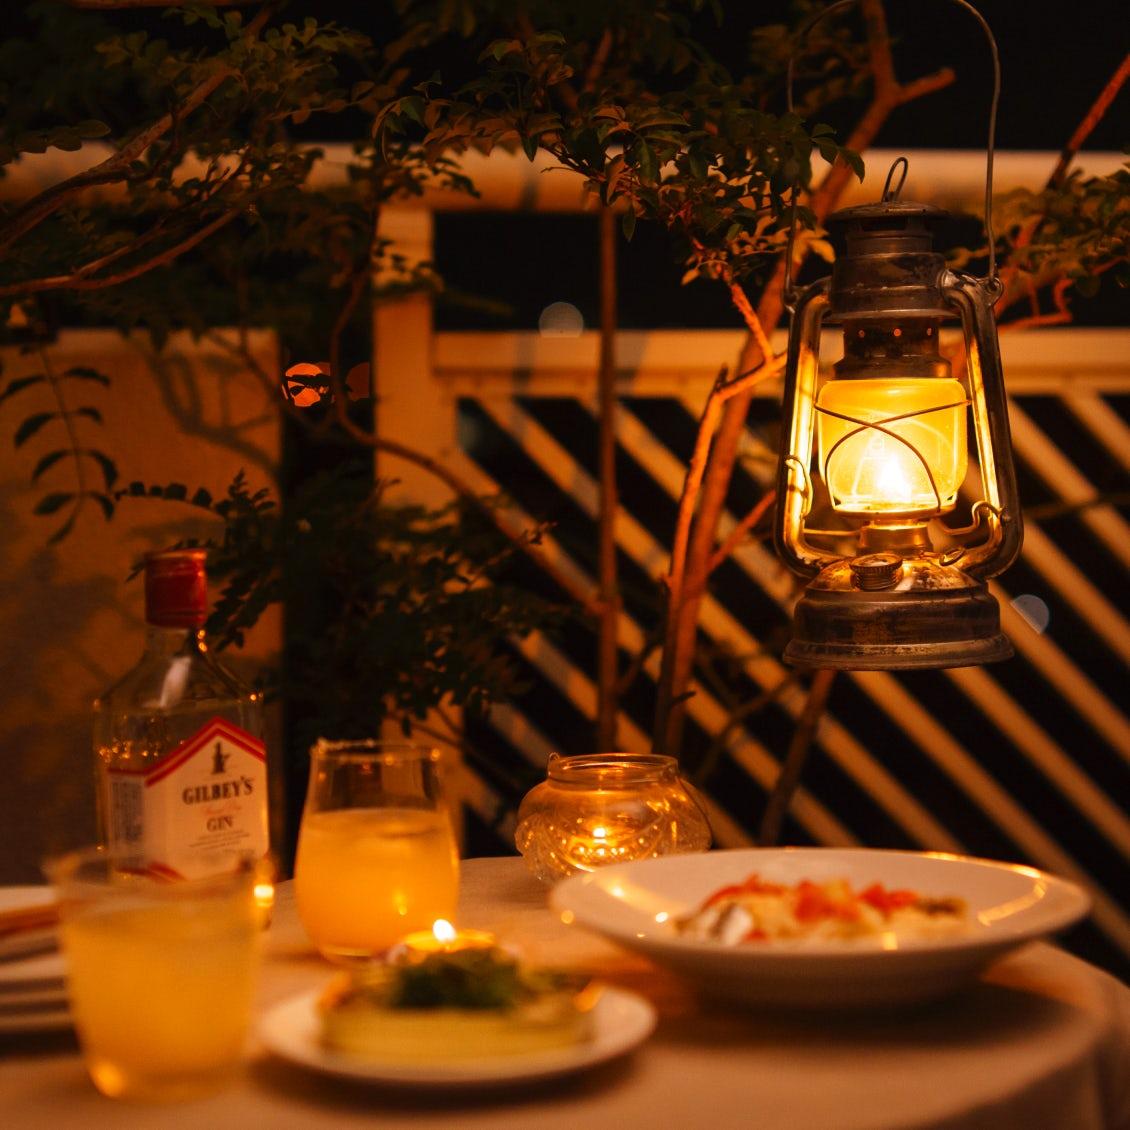 【至福の「丸焼き」おつまみ】第1夜:夏の夕方、グラスを片手にベランダへ。オイルサーディン缶編